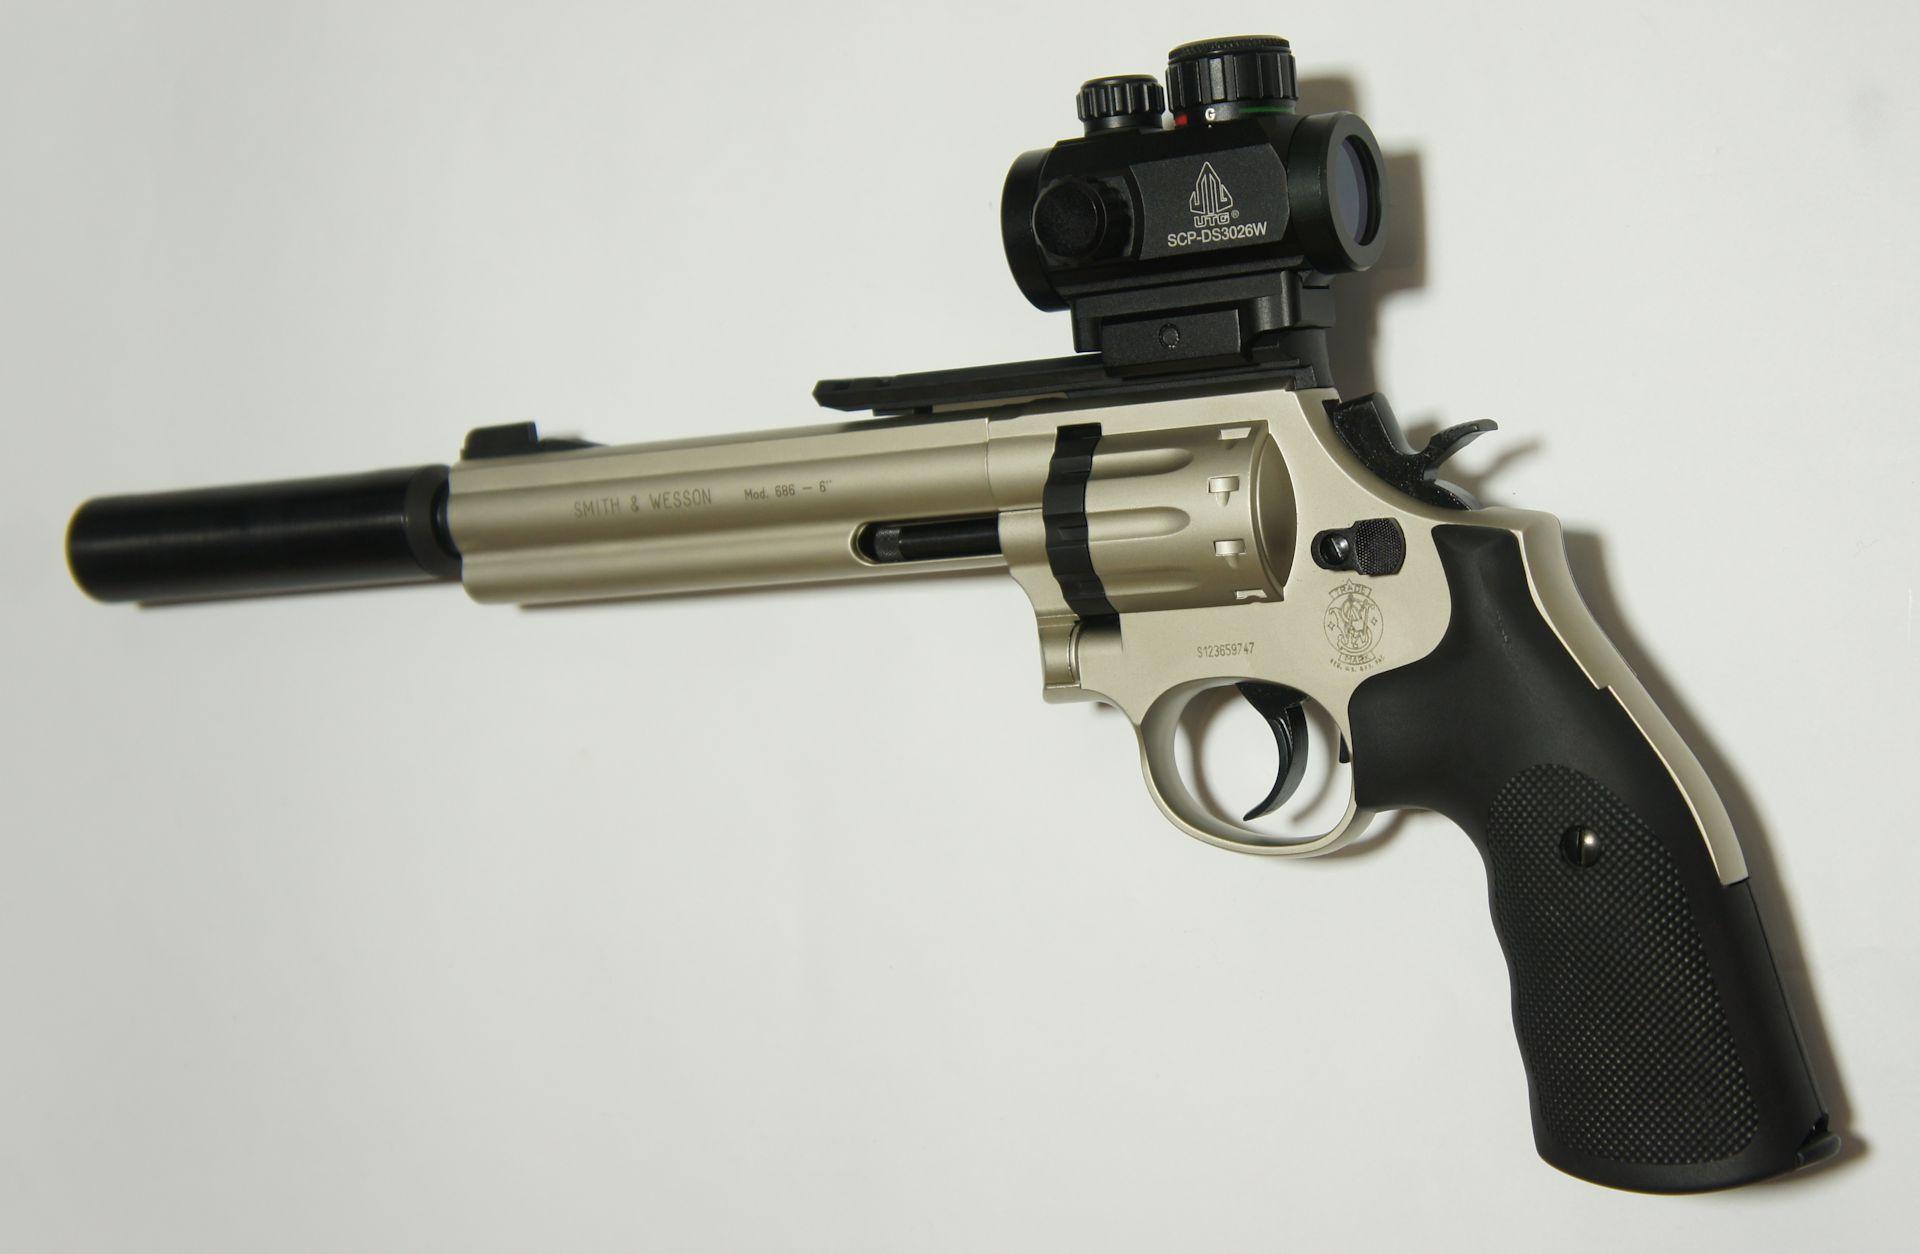 Montagebeispiel vom Schalldämpfer am CO2 Revolver S&W 586